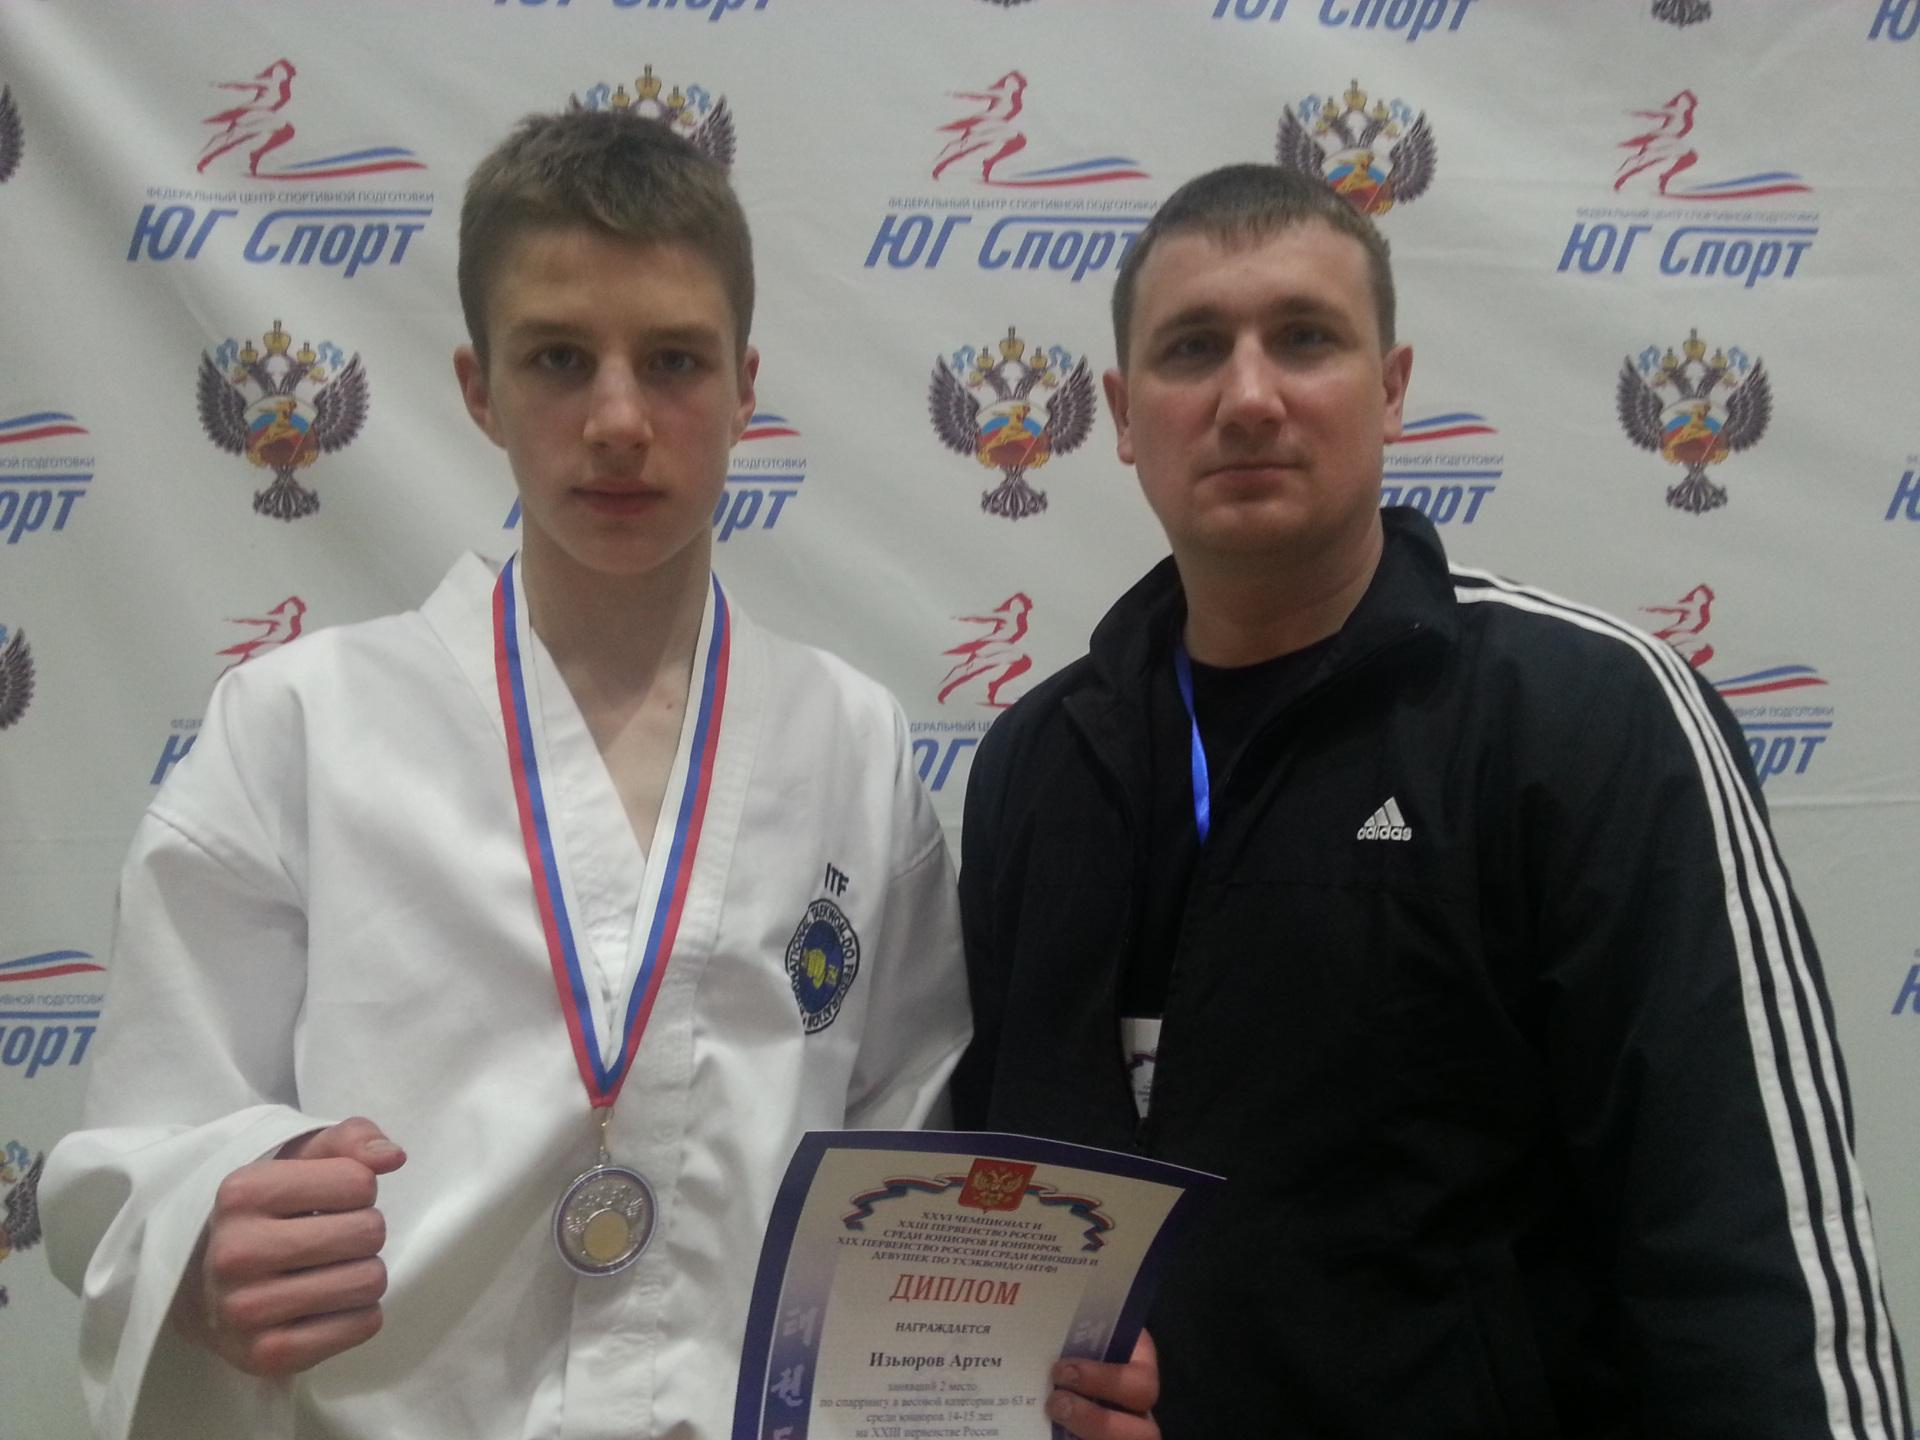 Спортсмены из Коми завоевали пять медалей на Чемпионате и Первенстве России по тхэквондо ИТФ